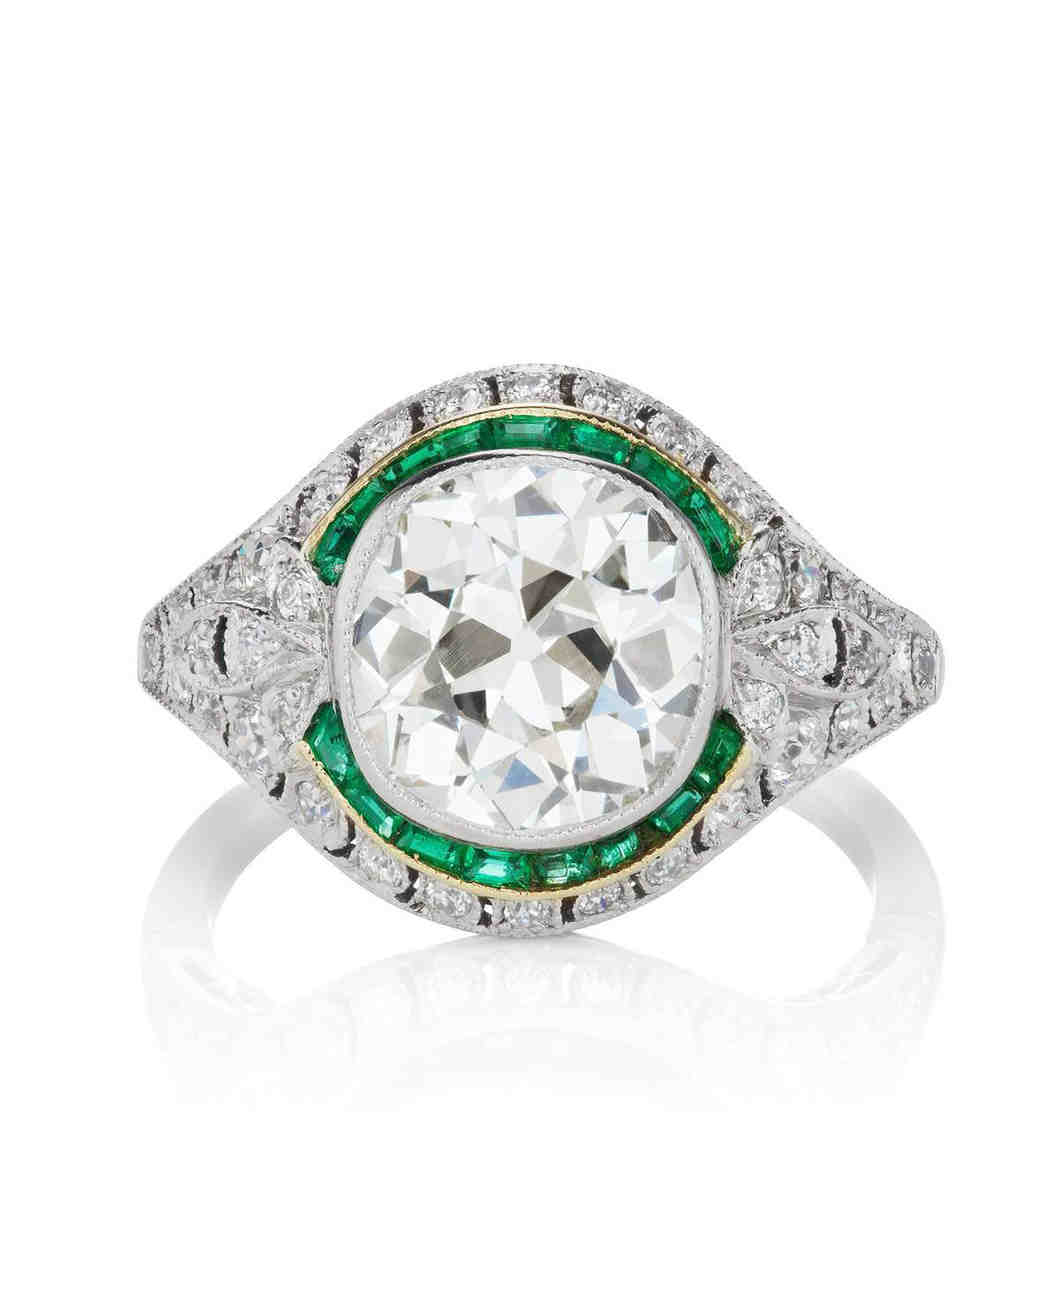 Bezel Set Diamond Emerald Halo Engagement Ring